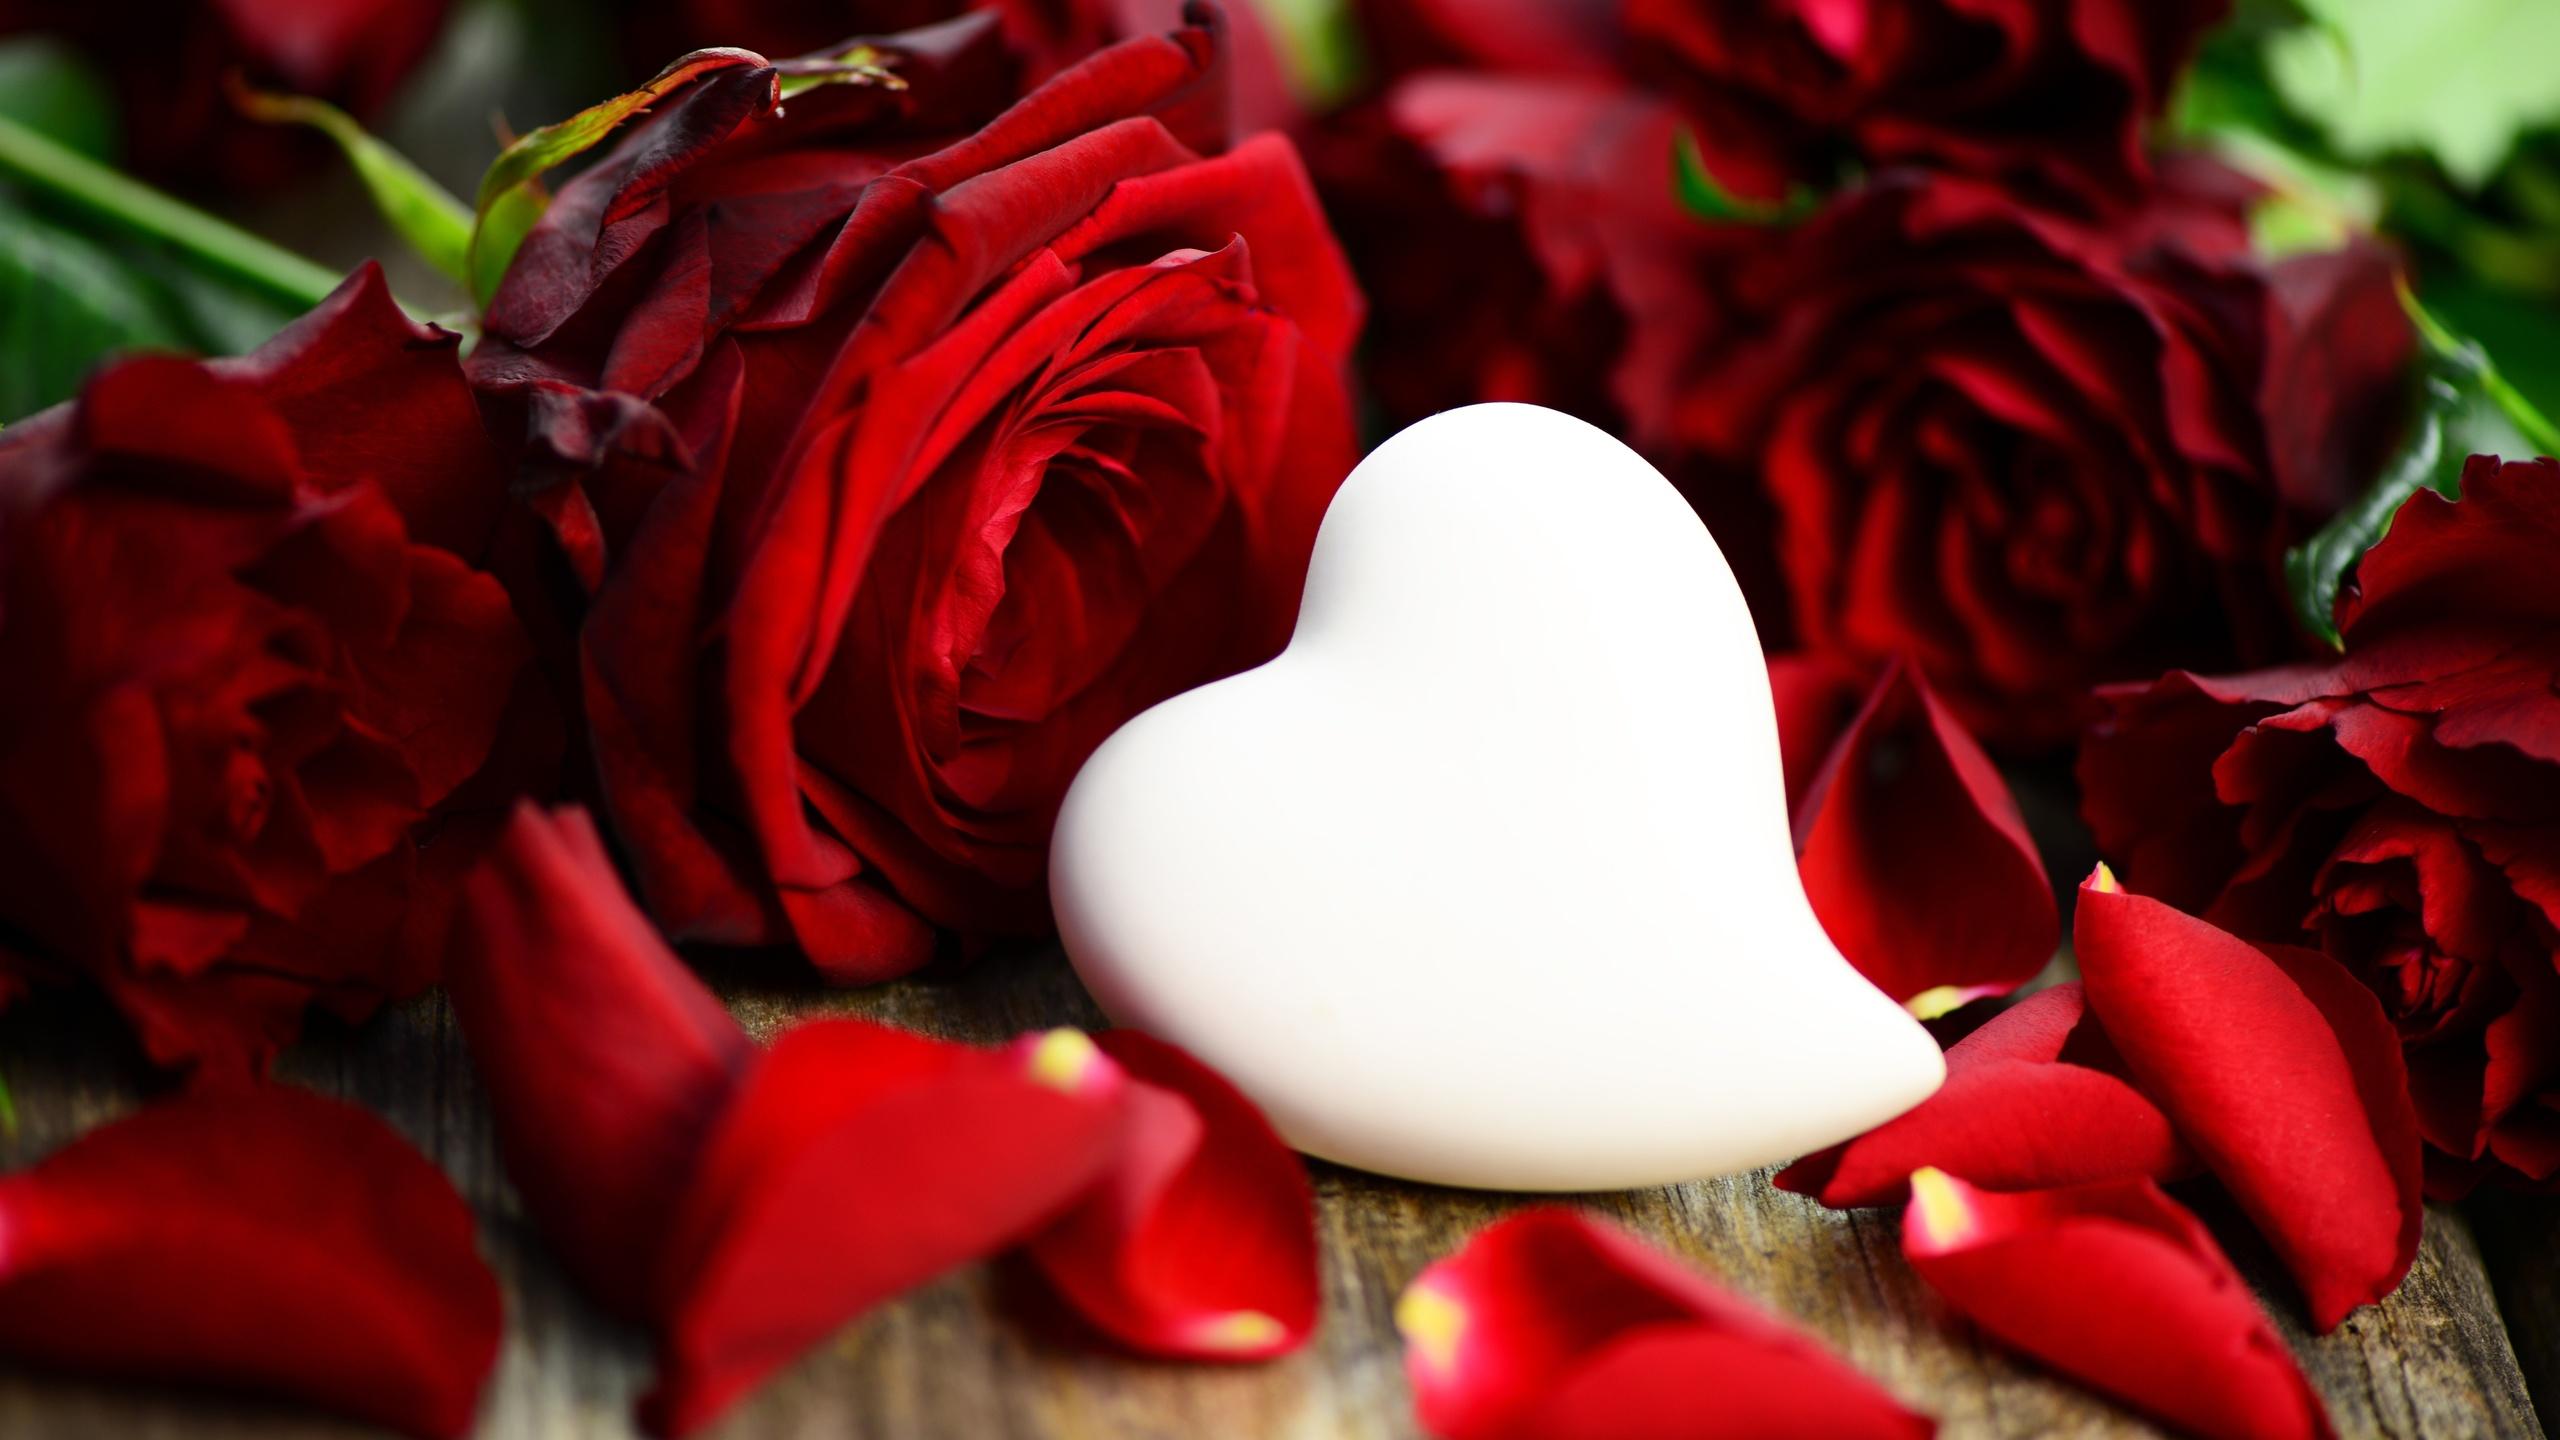 Цветы любви картинки красивые